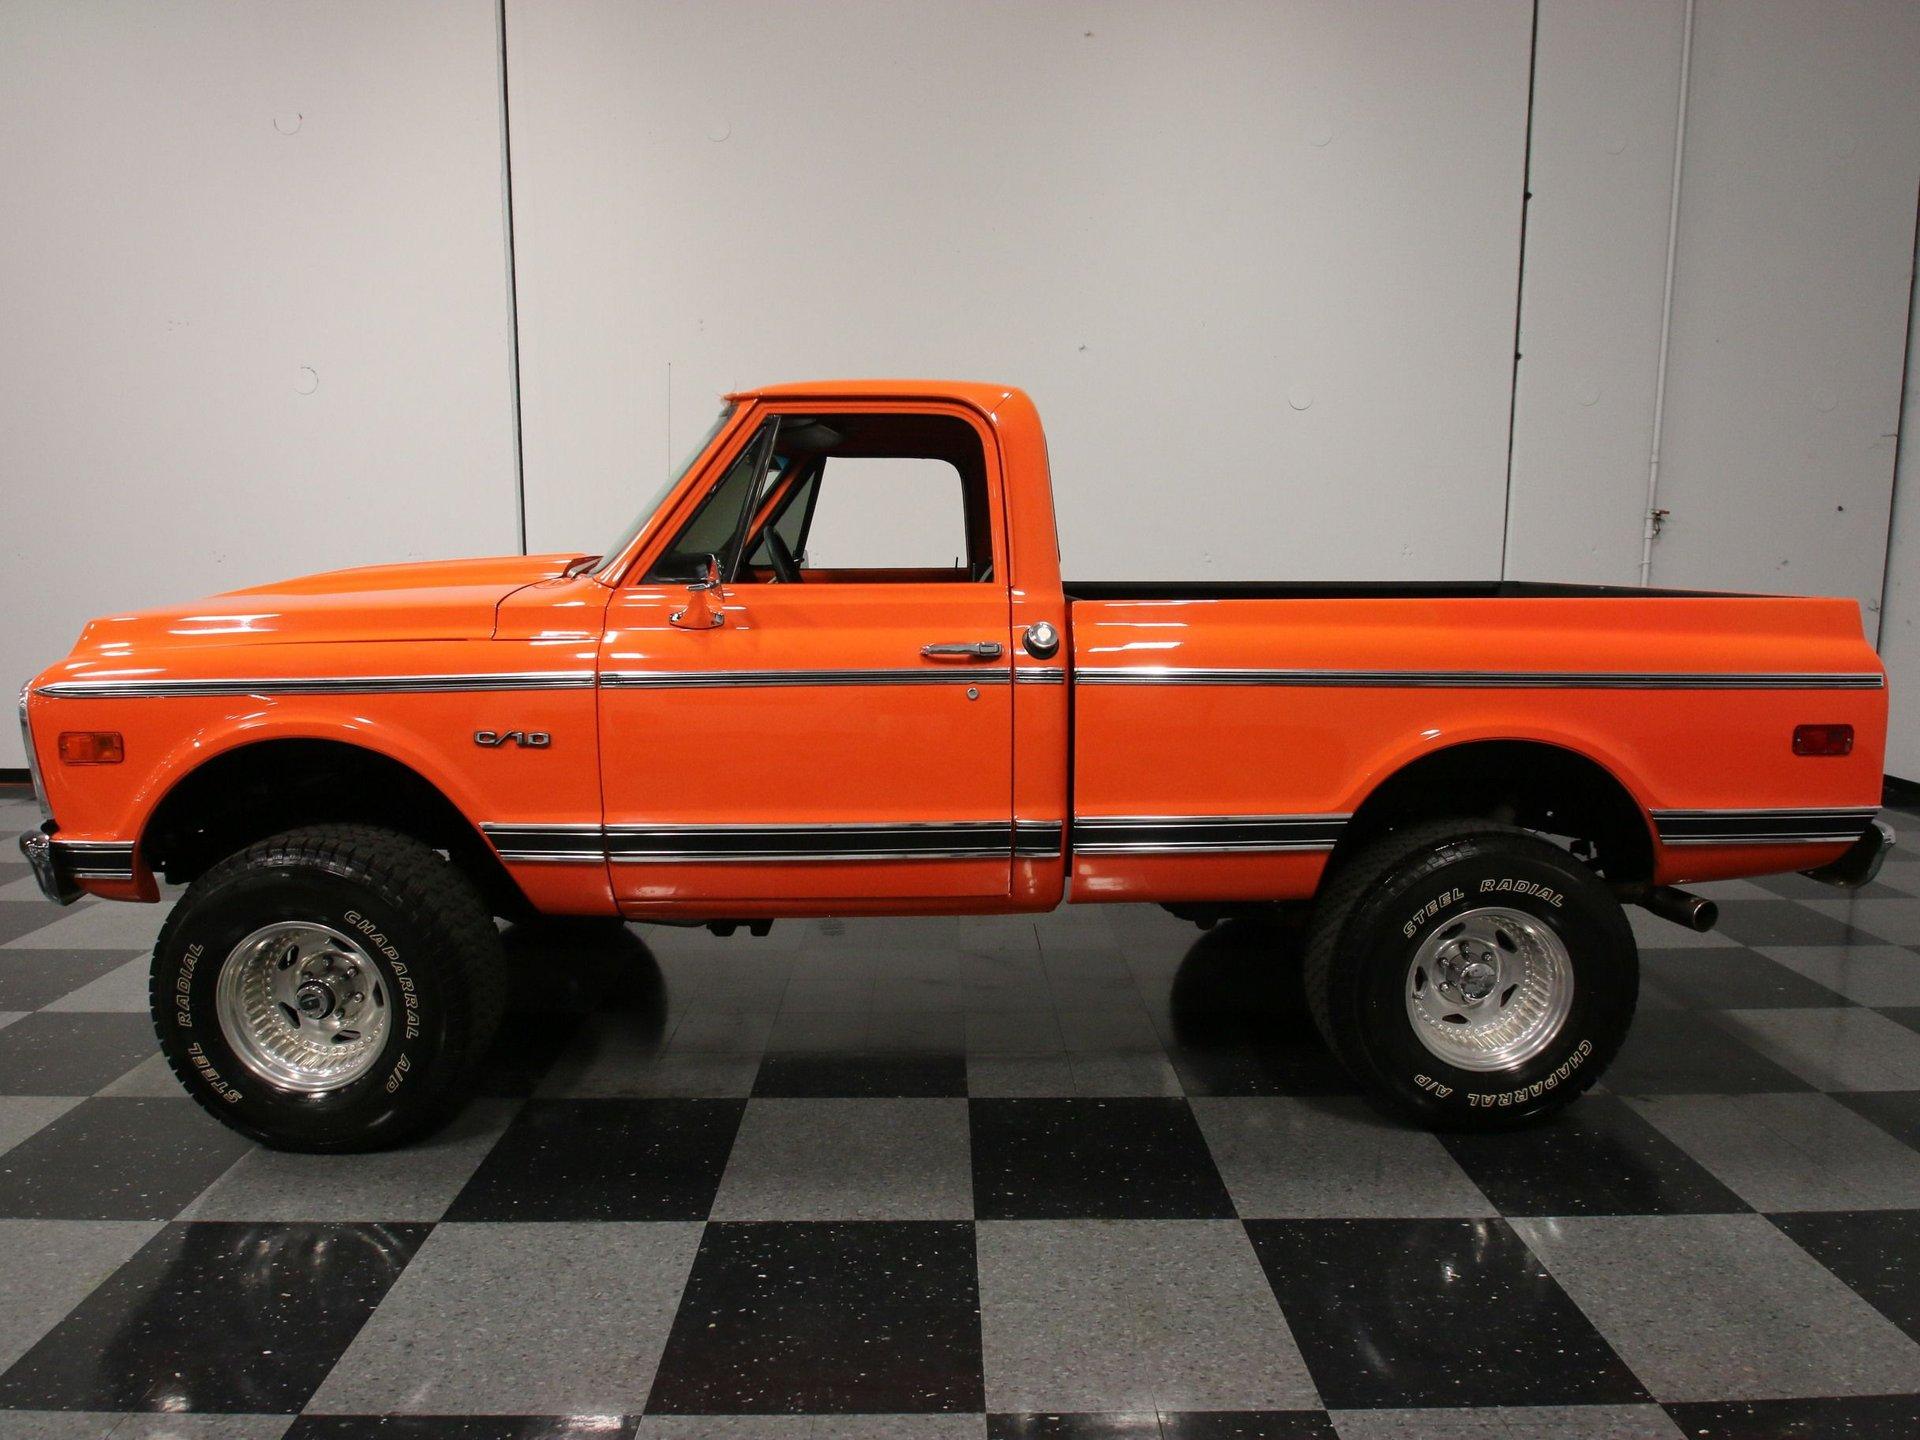 1970 chevrolet c10 4x4